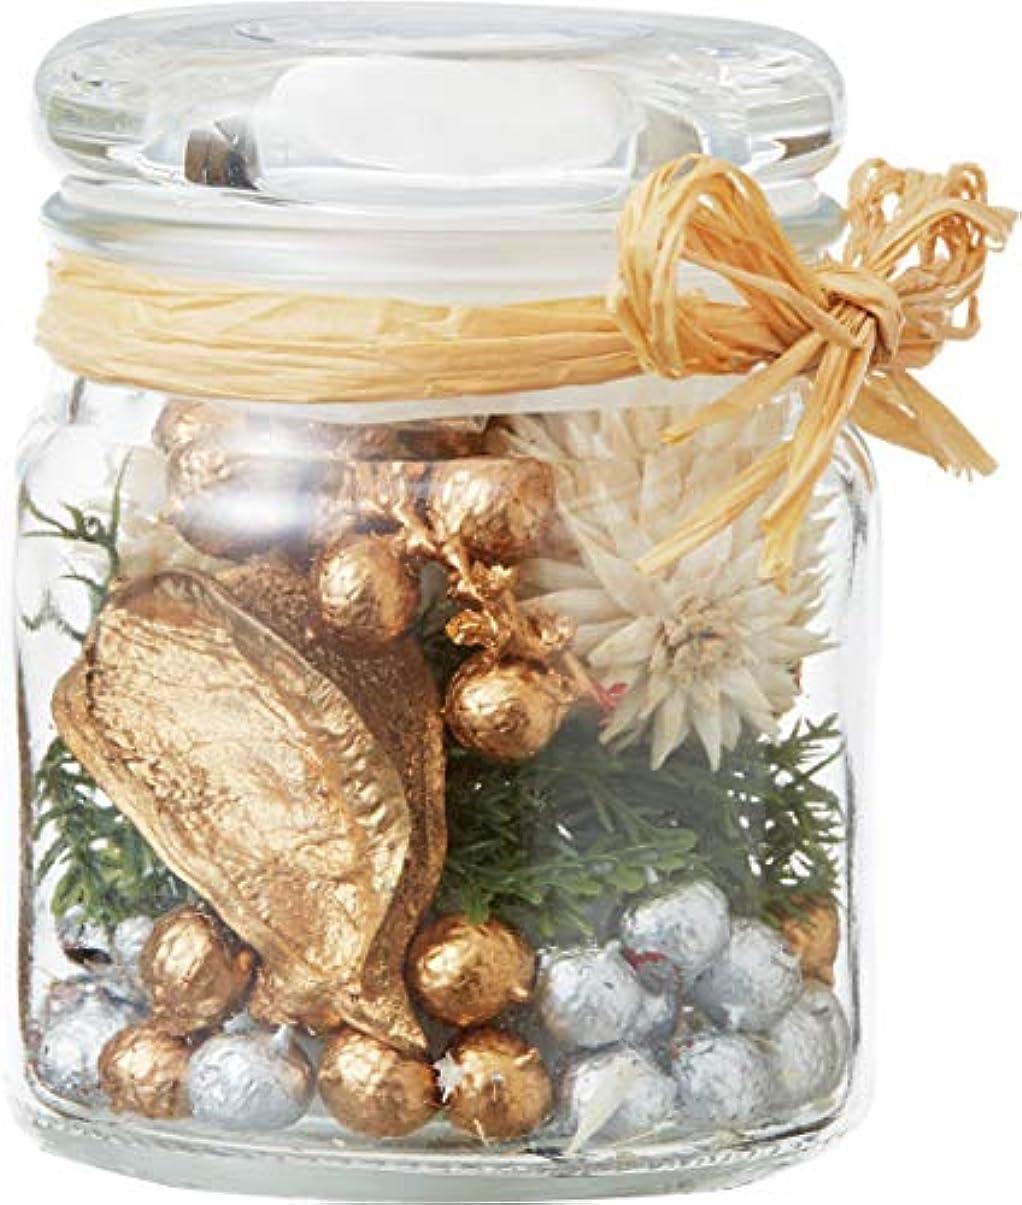 アライアンスオートマトン宿題カメヤマキャンドルハウス クリスマスボヌールグラスポプリ サパンドノエ 1個